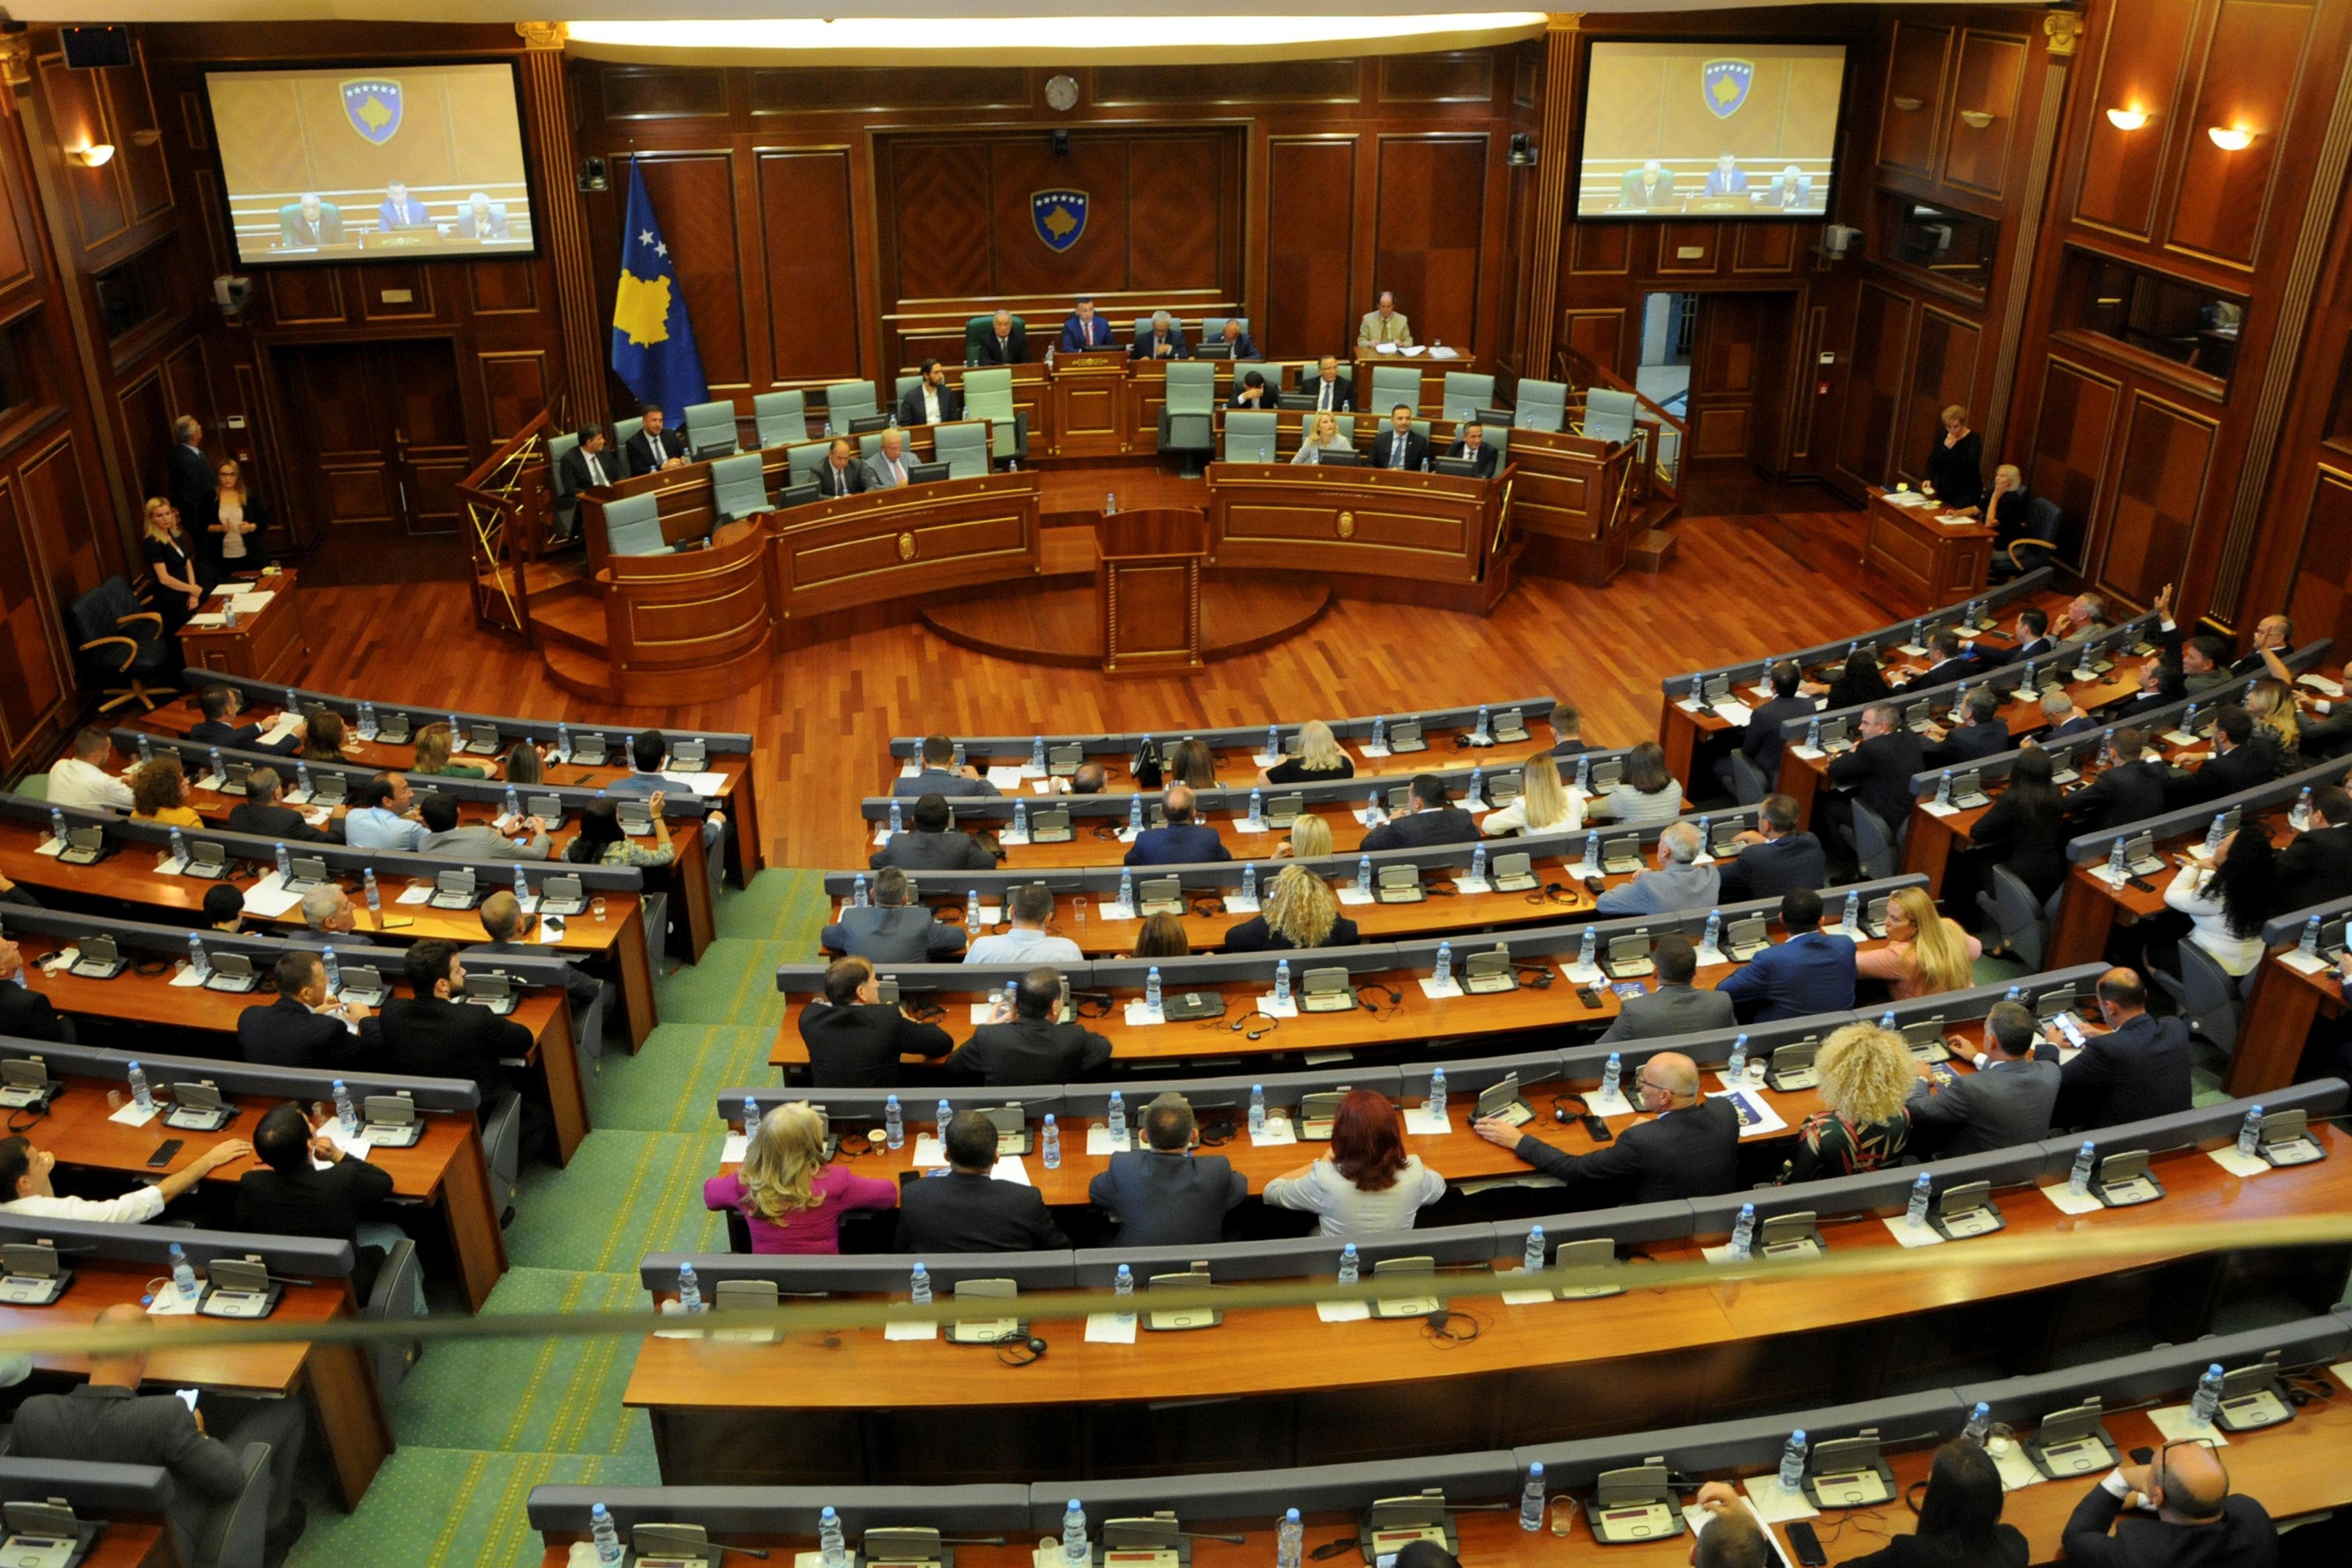 Κόσοβο: Οι βουλευτές ψήφισαν τη διάλυση του κοινοβουλίου